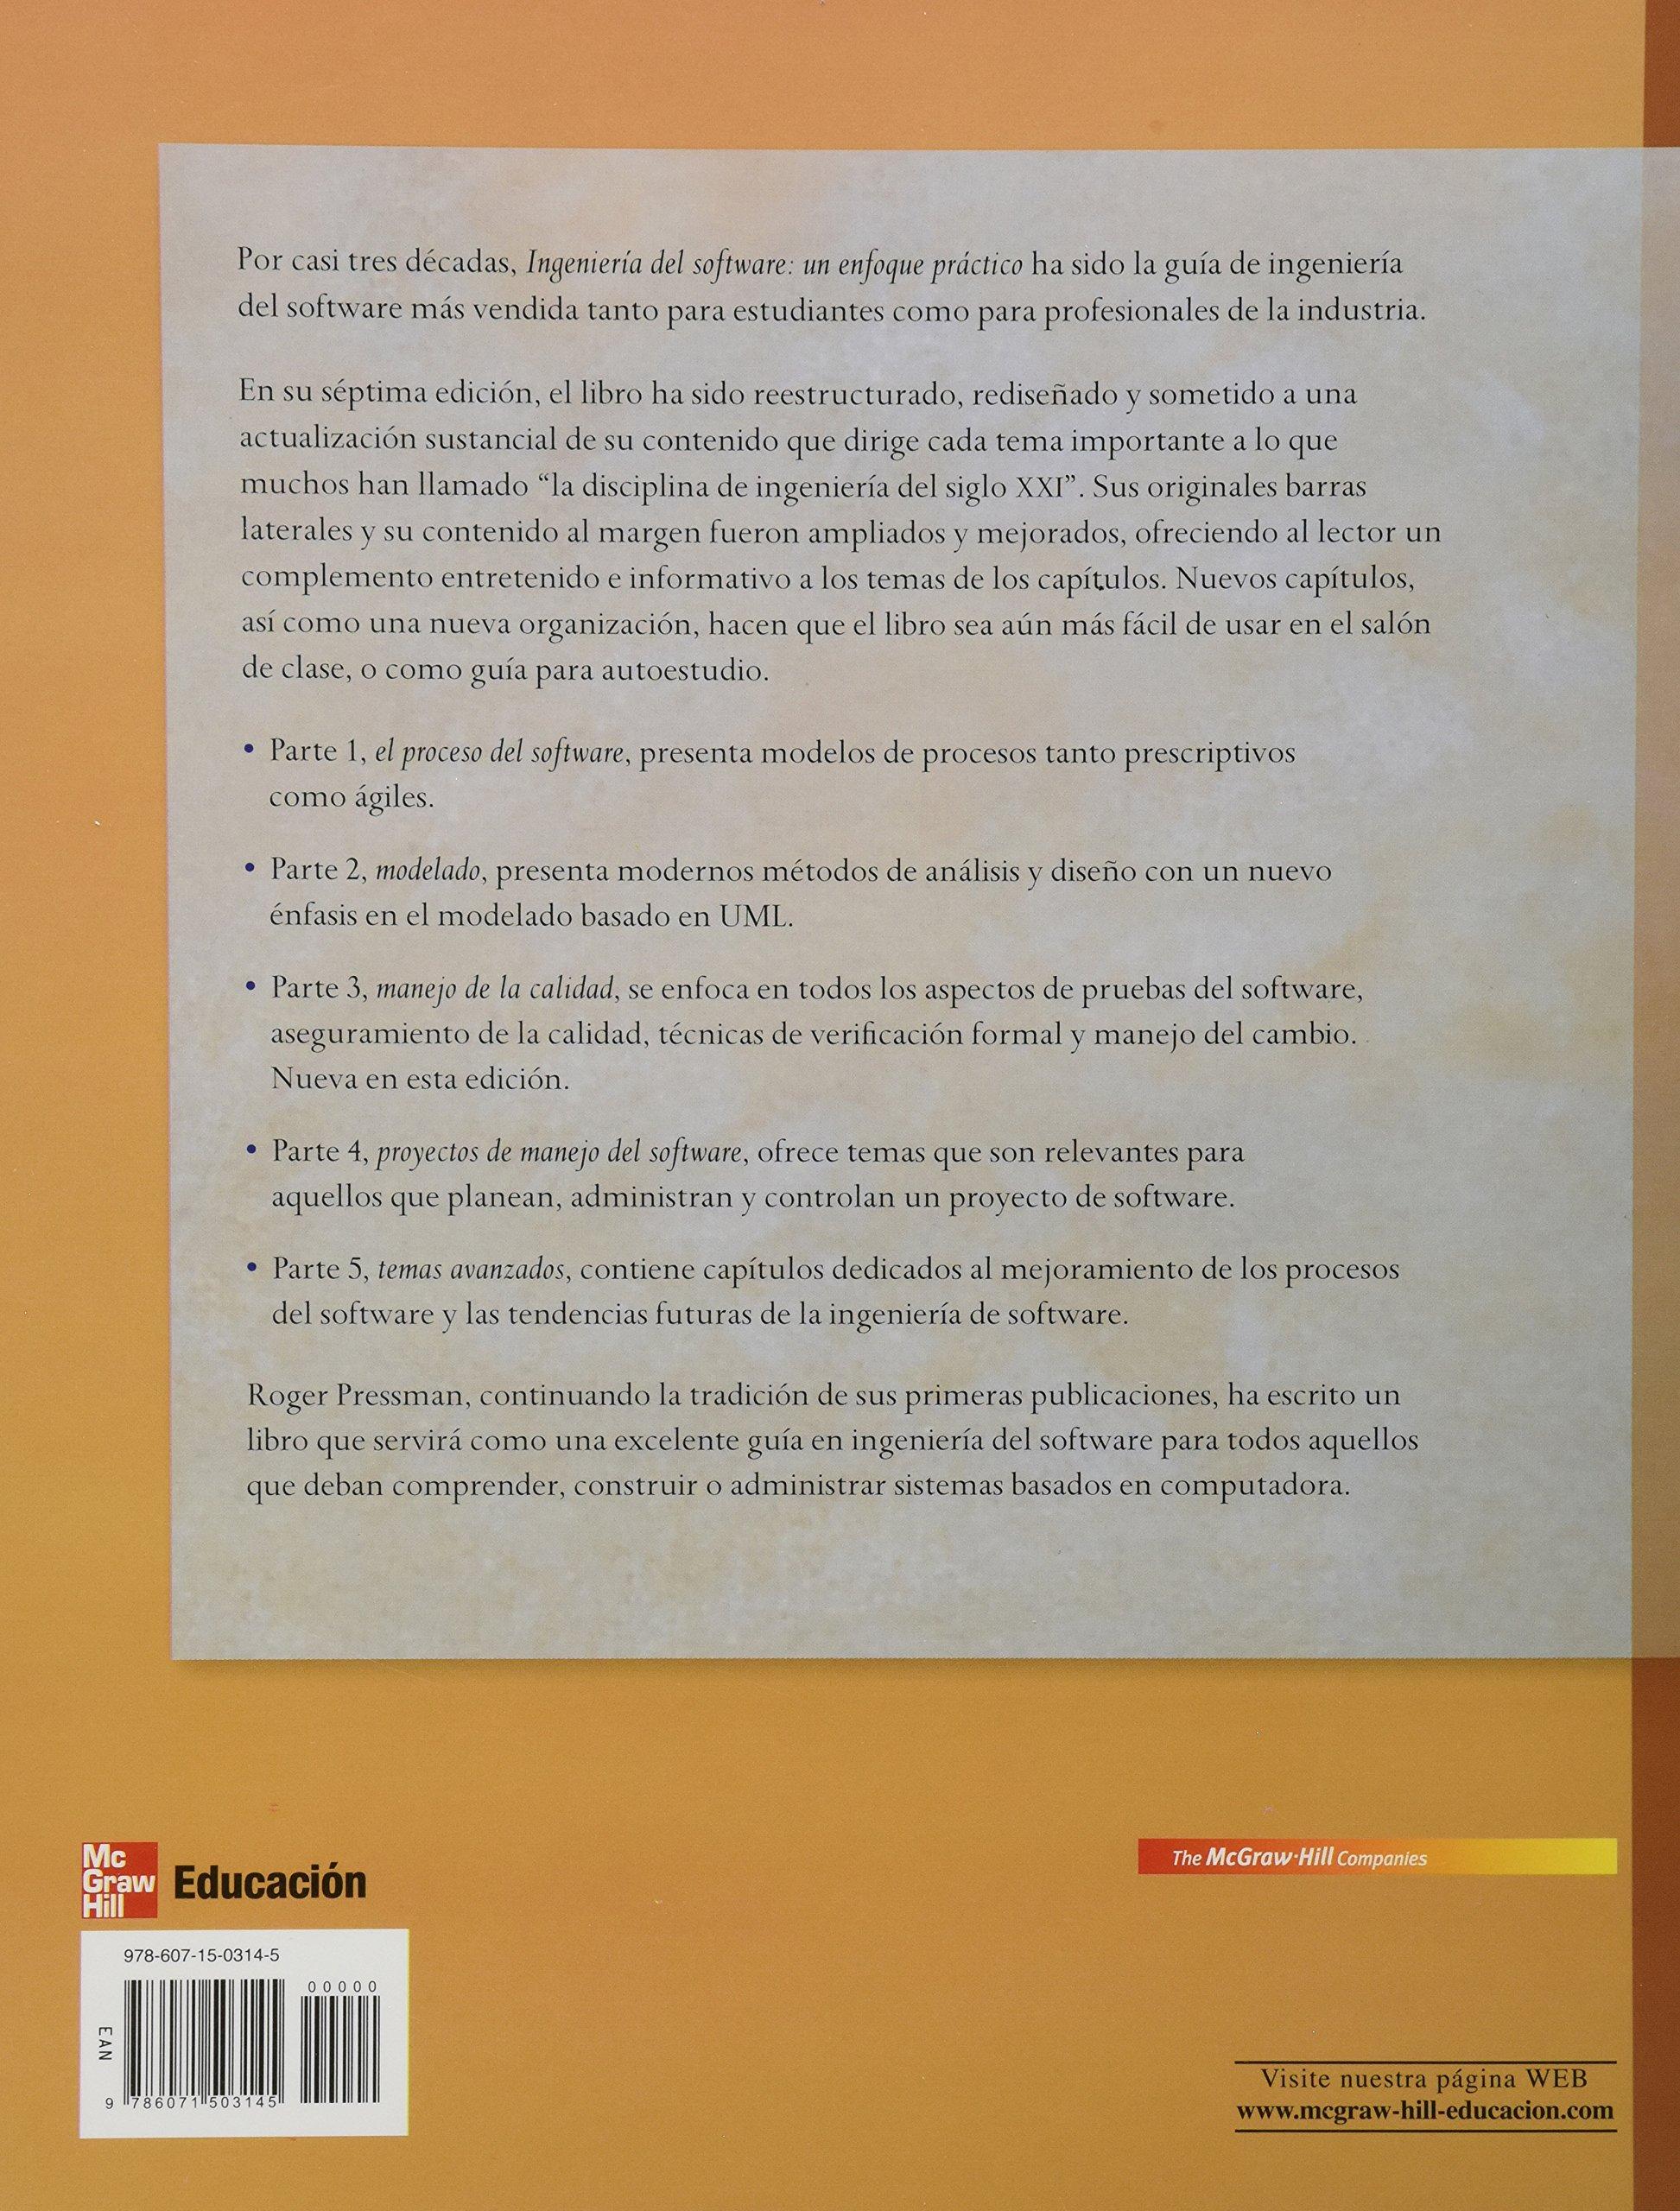 Ingenieria de Software: Amazon.es: PRESSMAN ROGER: Libros